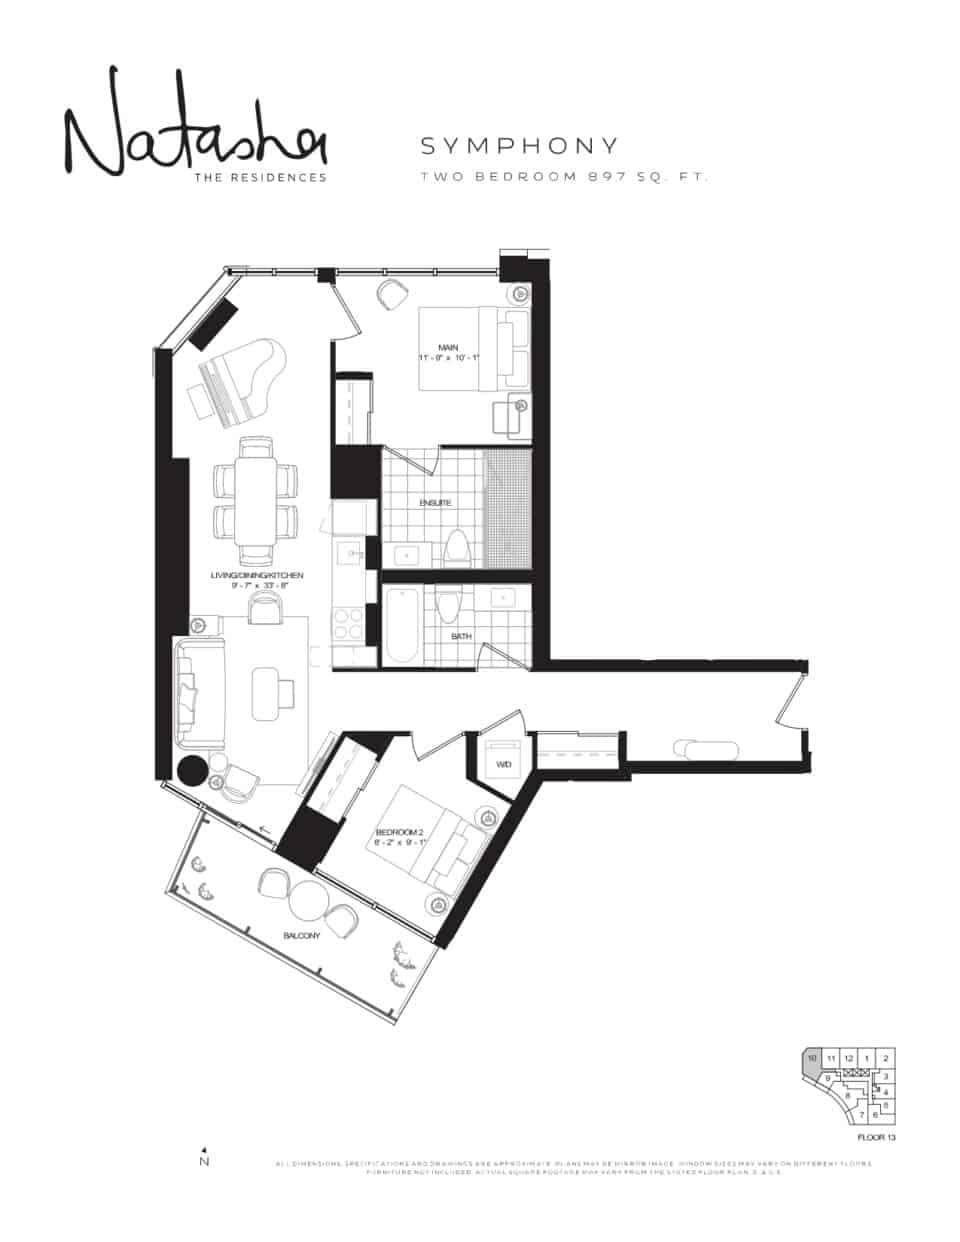 2021 09 02 11 03 23 natashatheresidences lanterradevelopments floorplans symphony